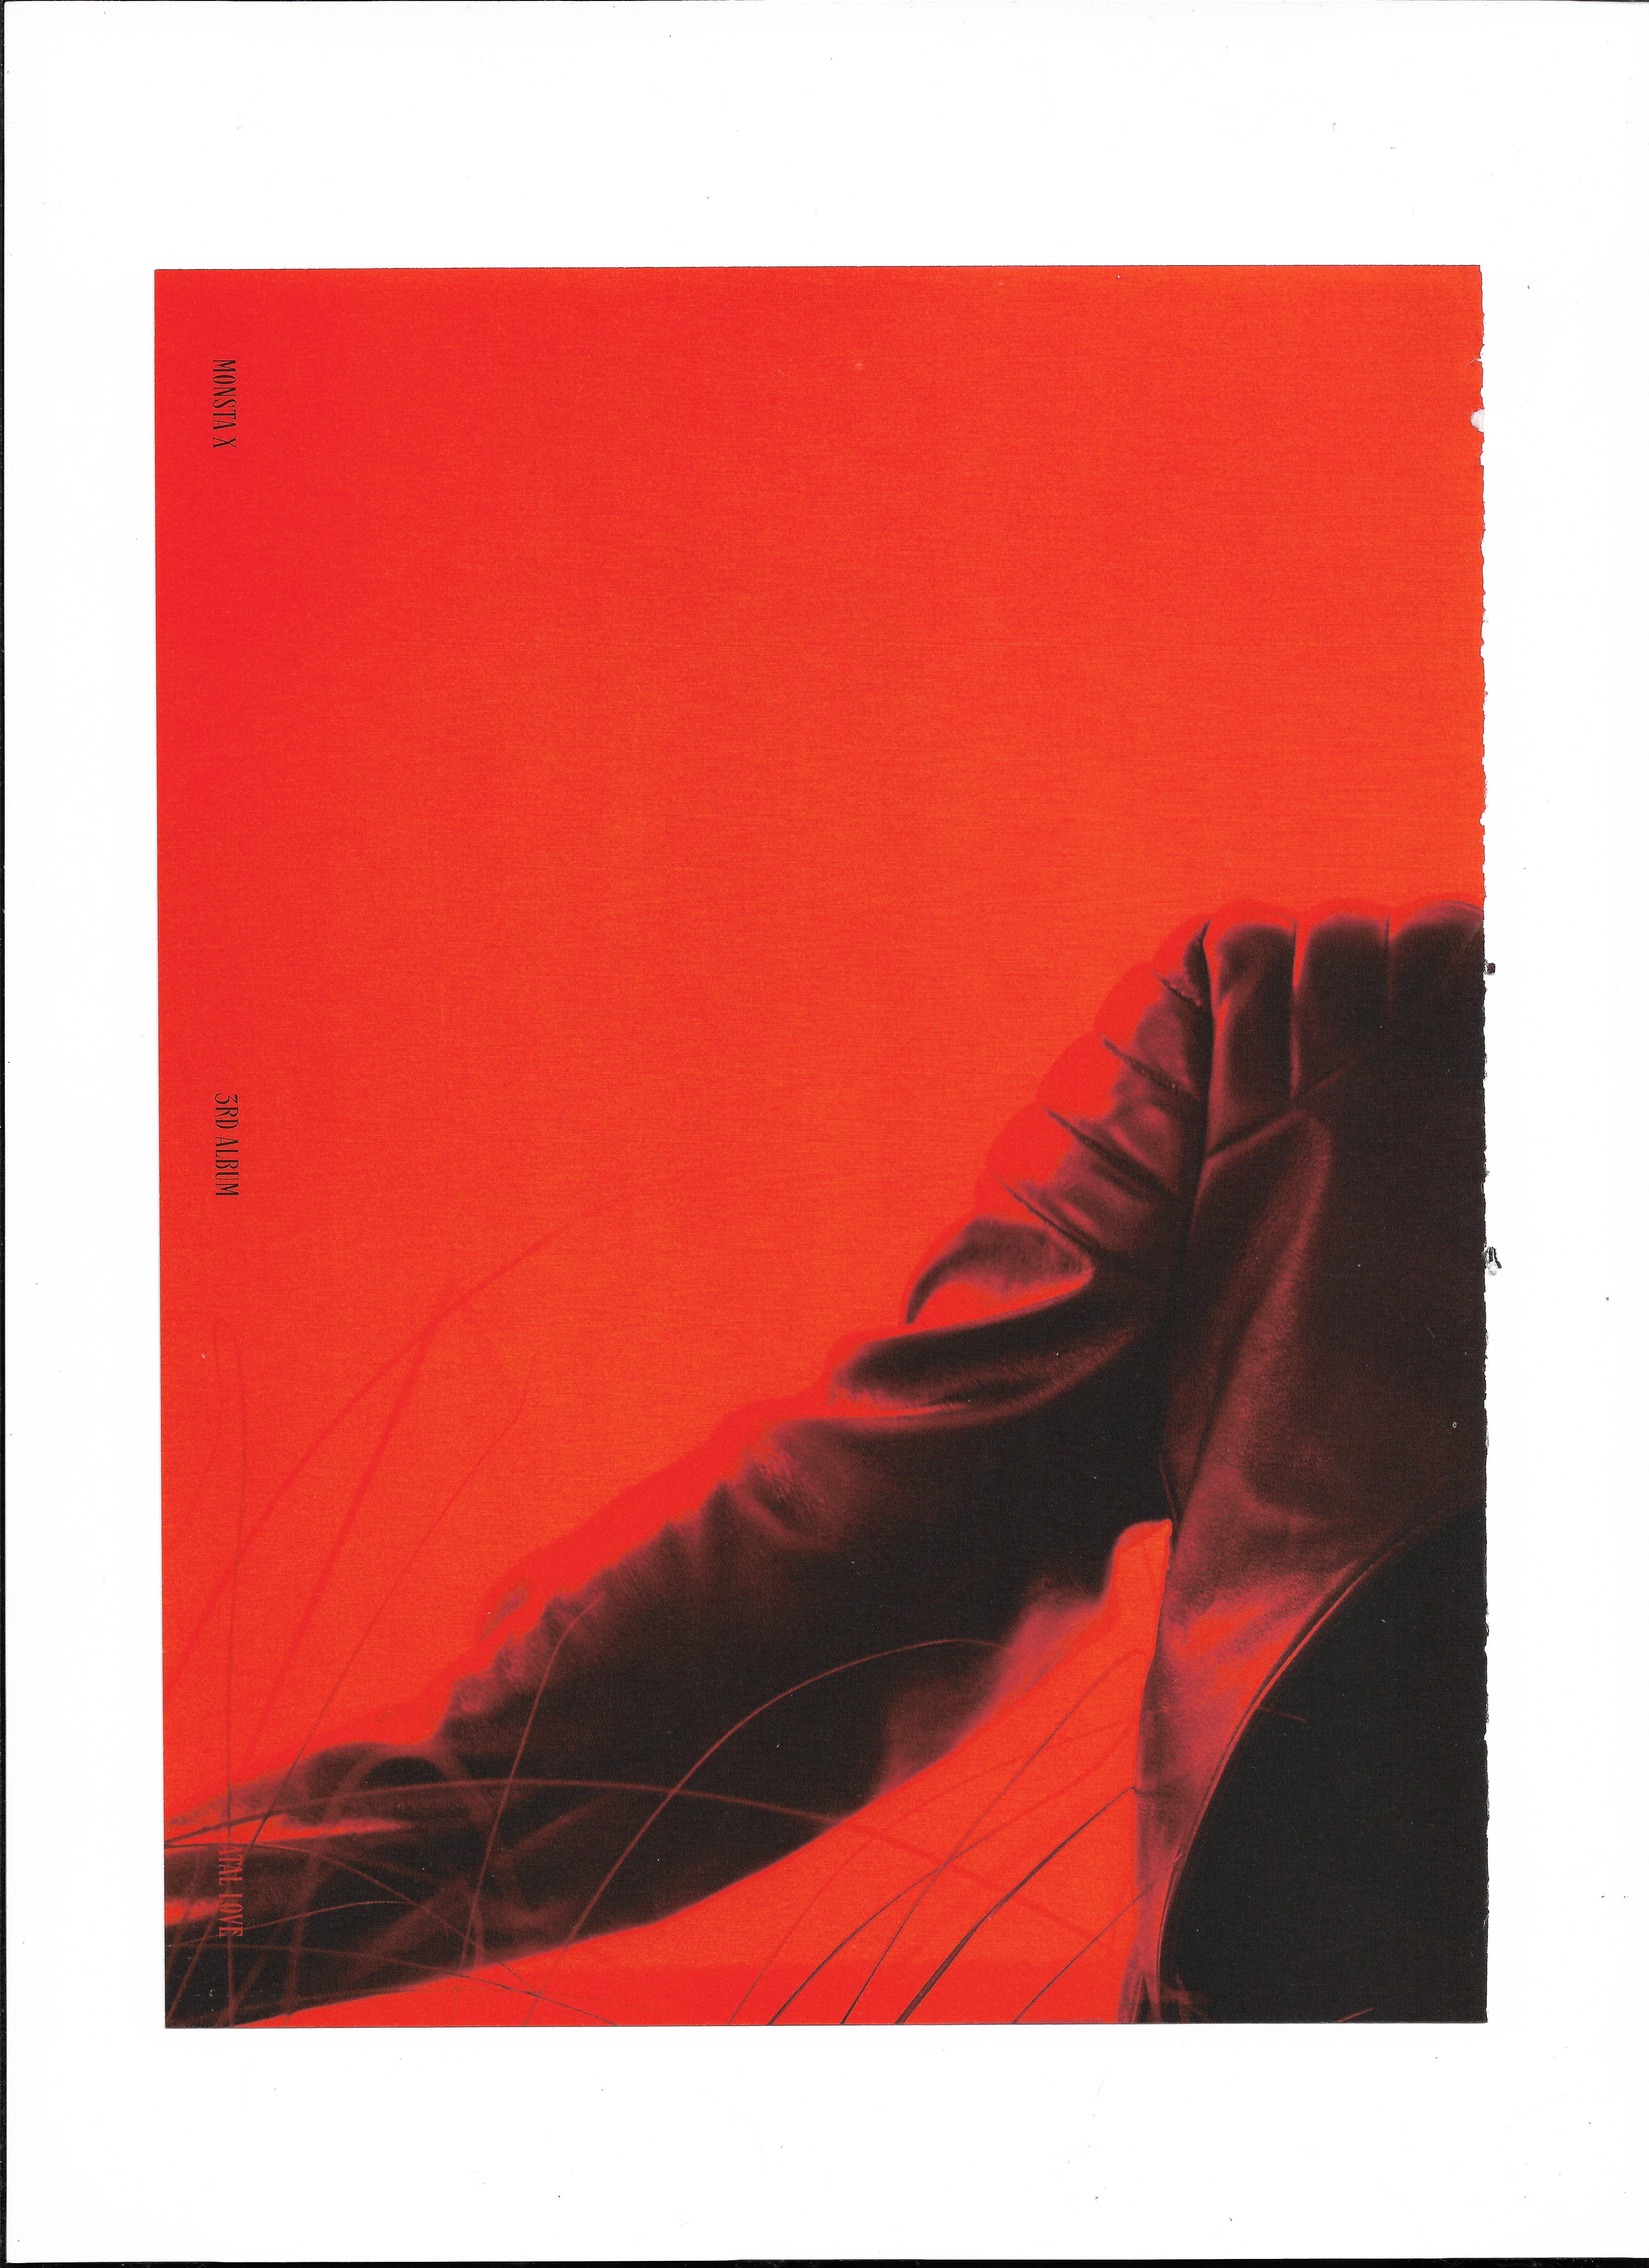 Joohoney Fatal Love Ver. 1 Scan - 1/2